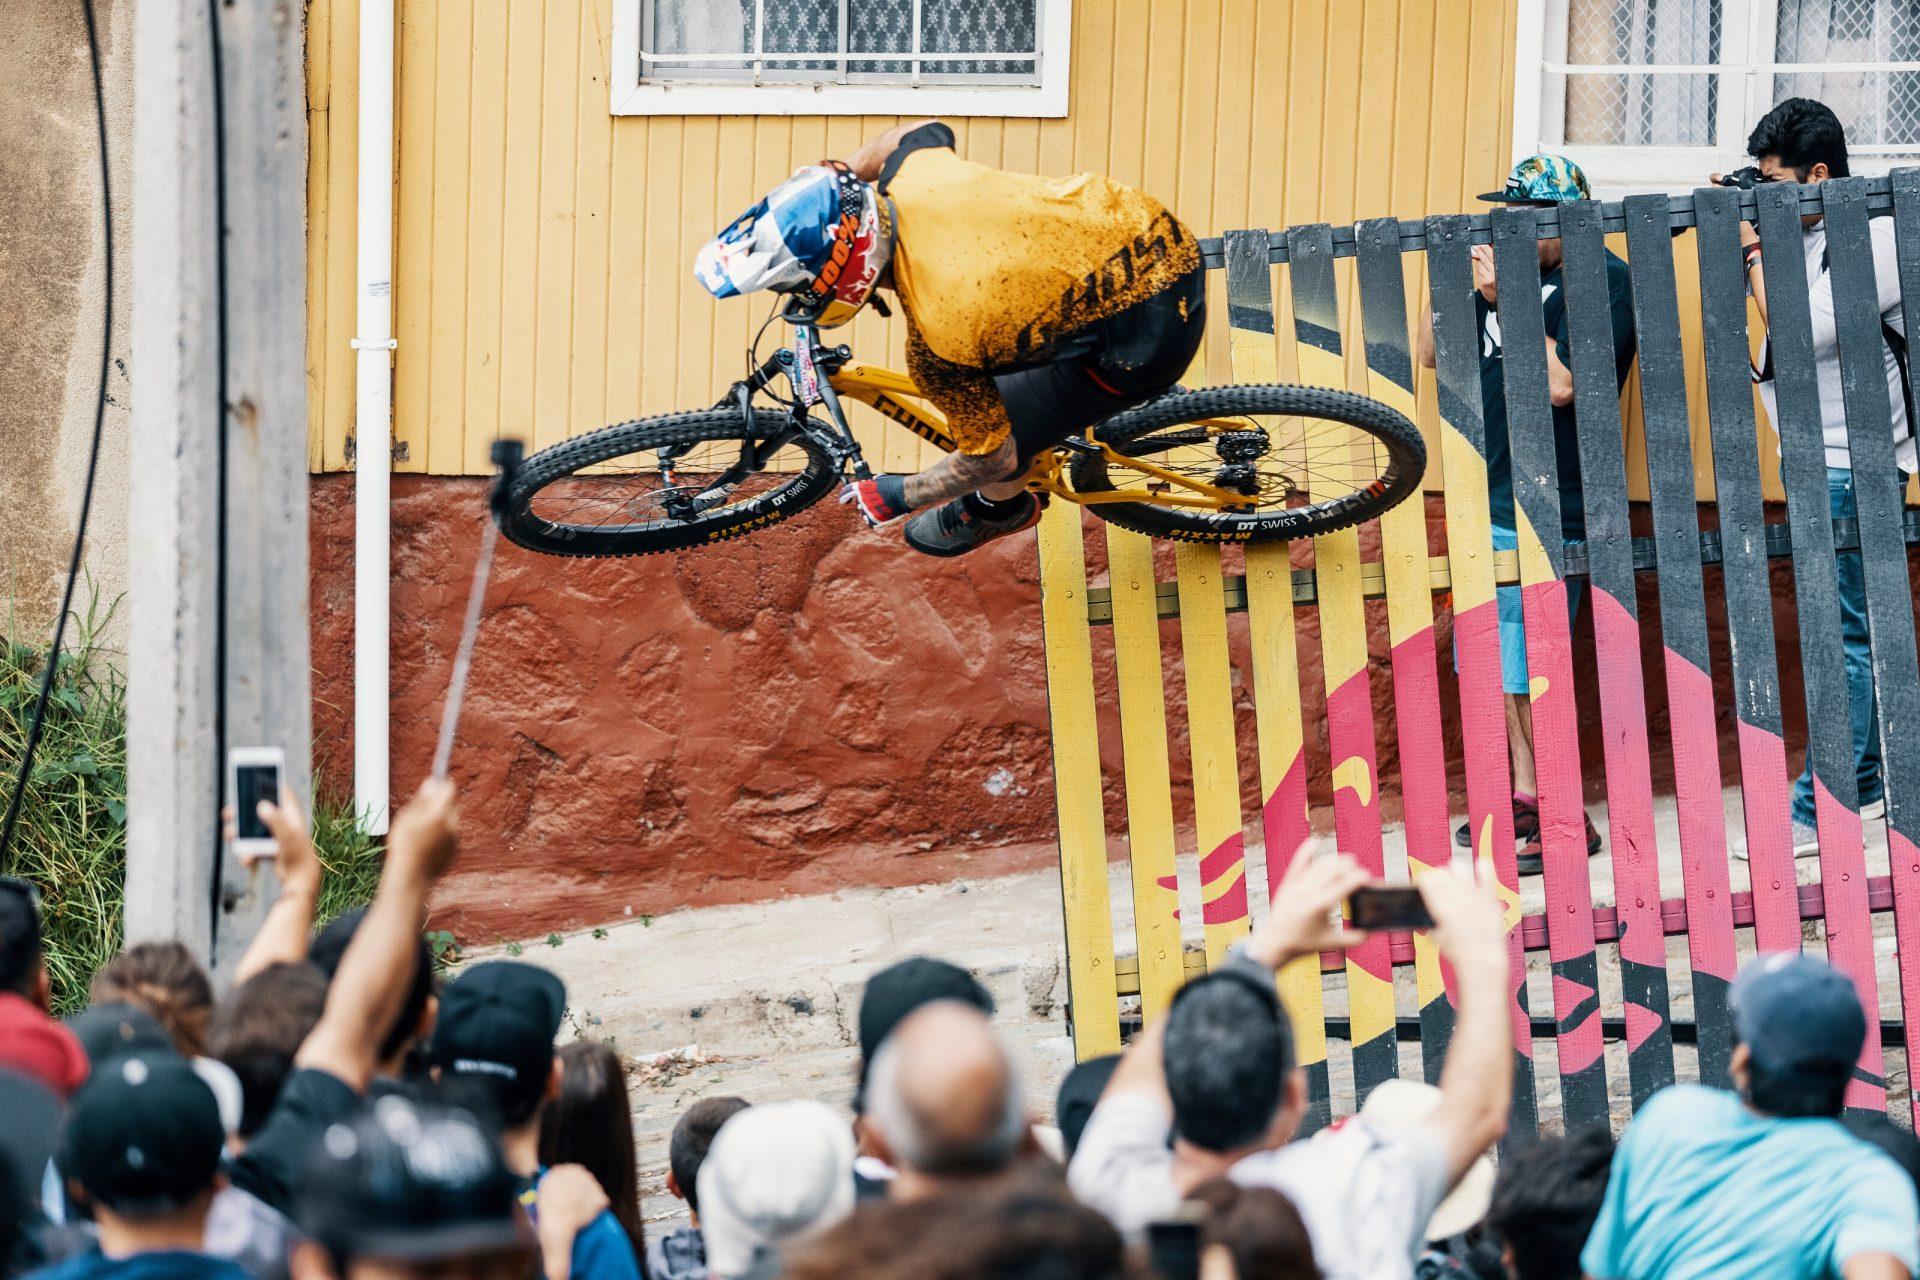 Tomáš Slavík při městském sjezdu ve Valparaisu v Chile. Foto: Alfred Jürgen Westermeyer/Red Bull Content Pool